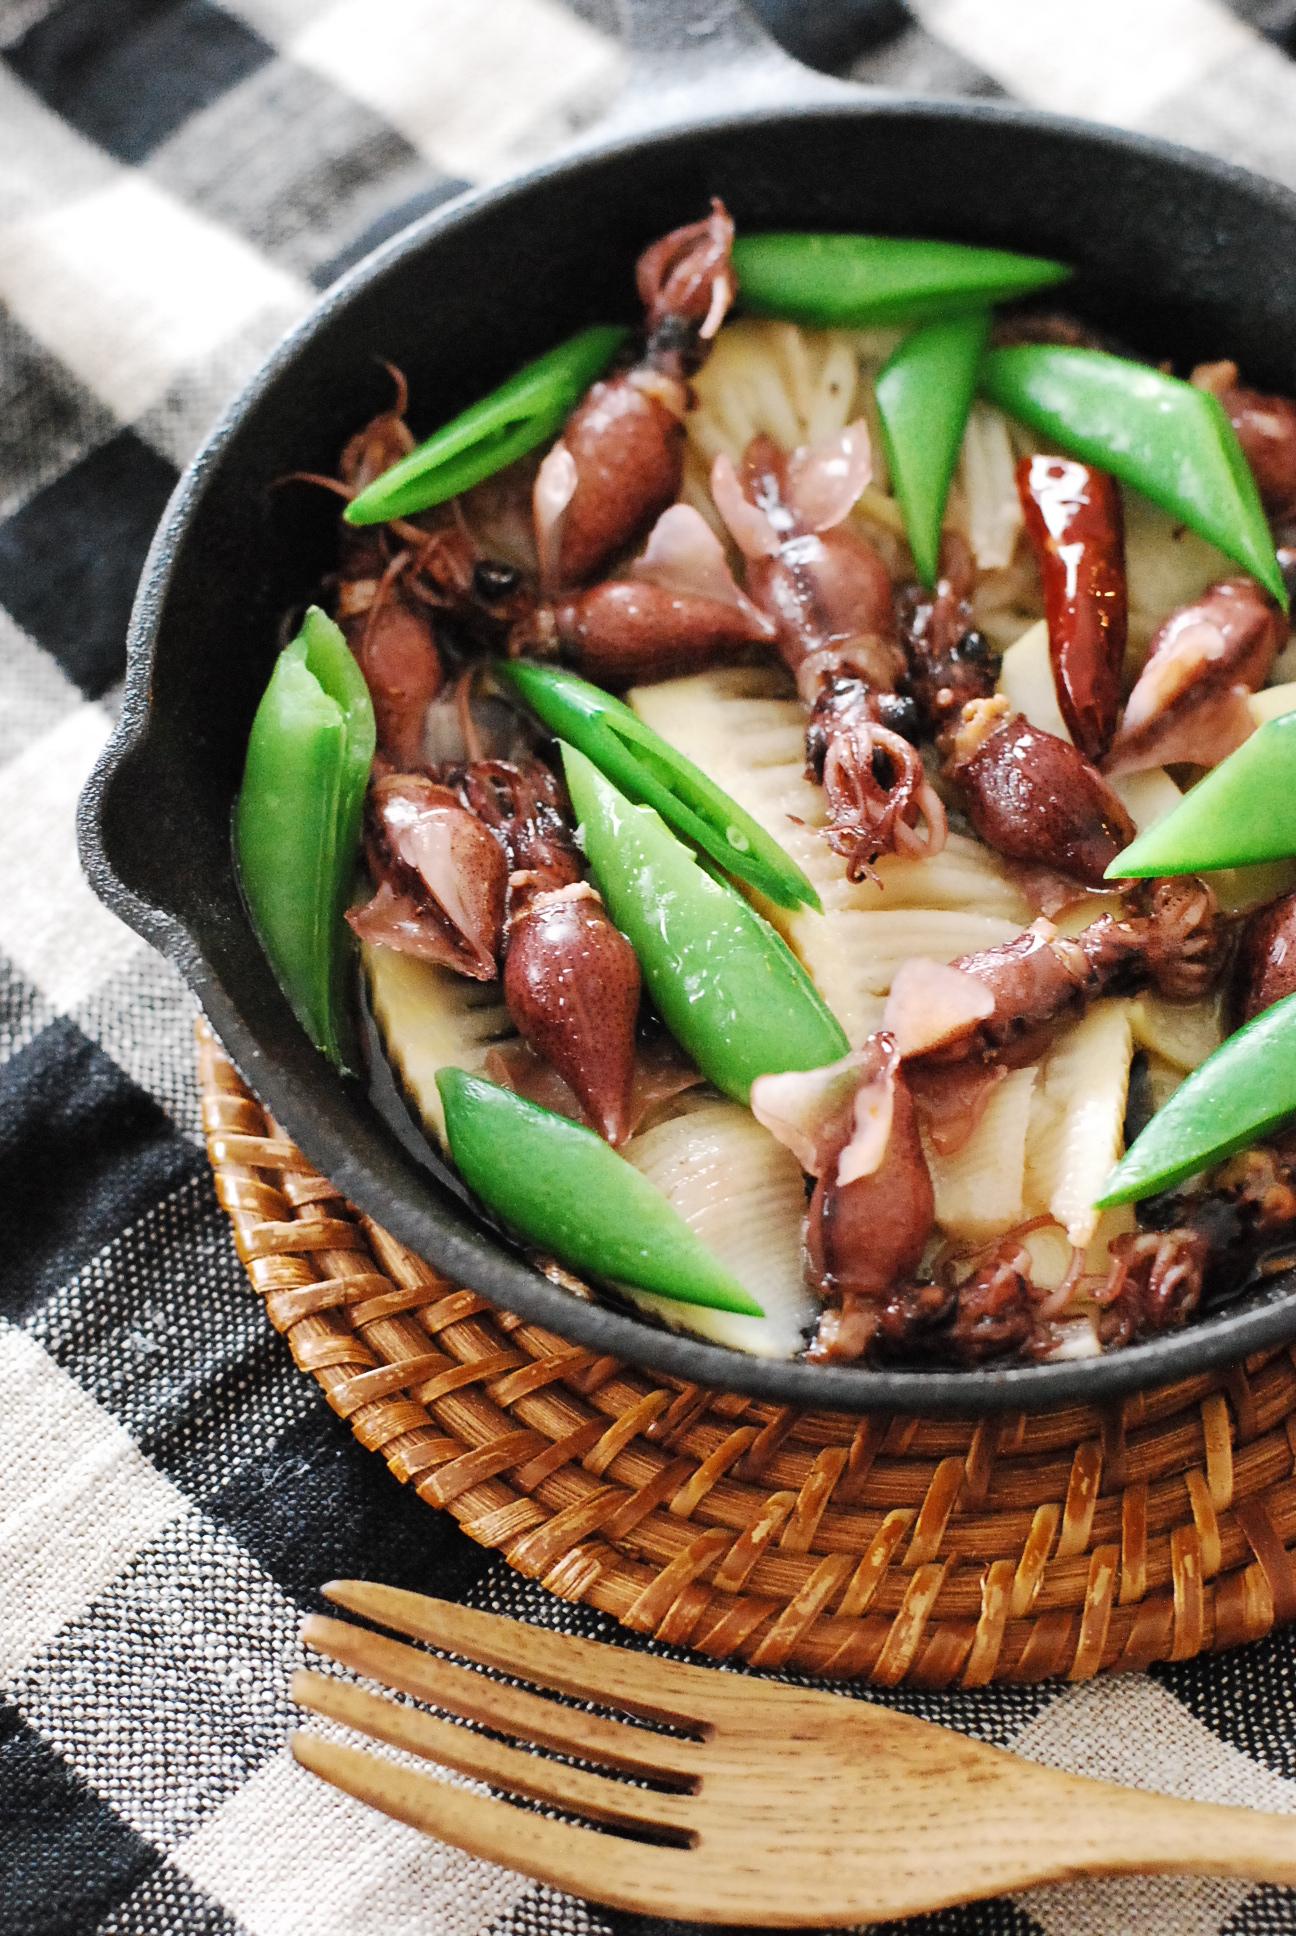 ボイル ホタルイカ レシピ